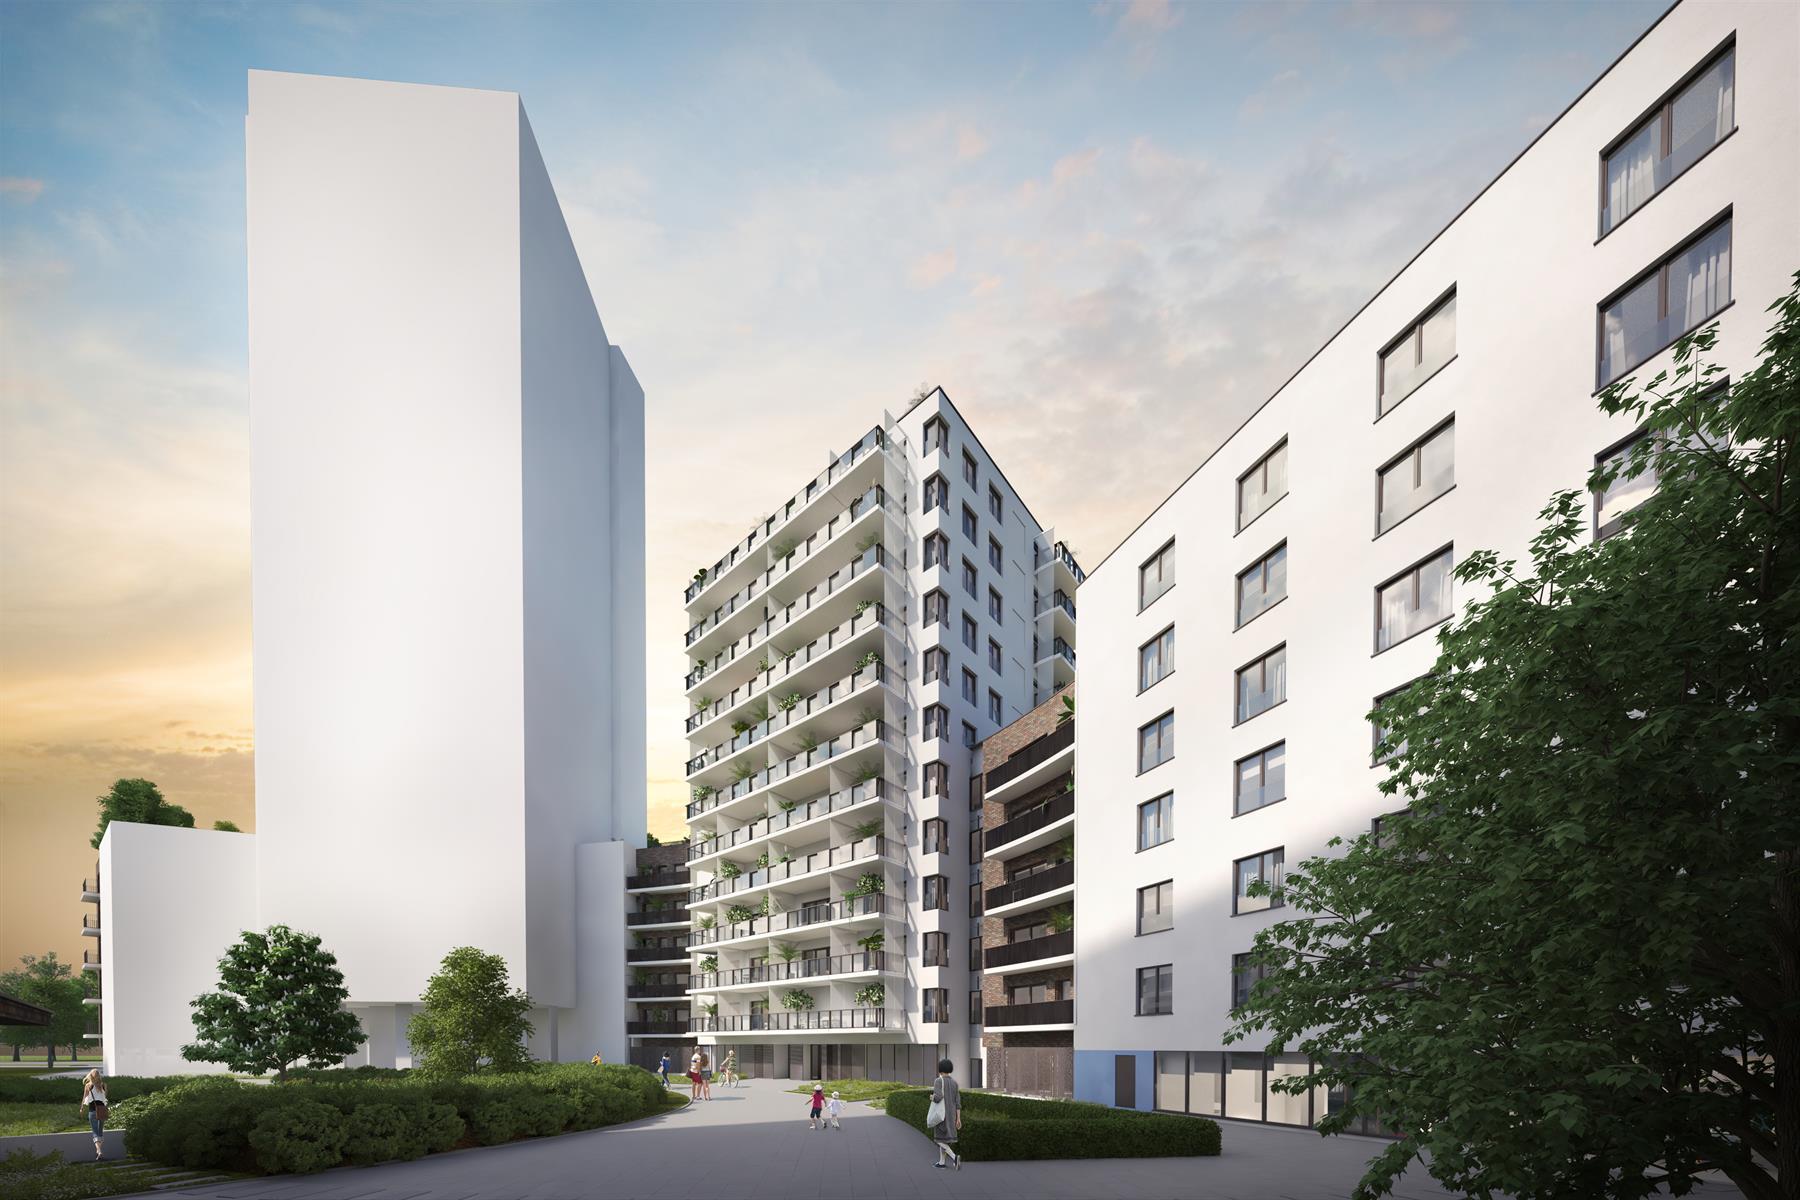 Flat - Ixelles - #4365578-10